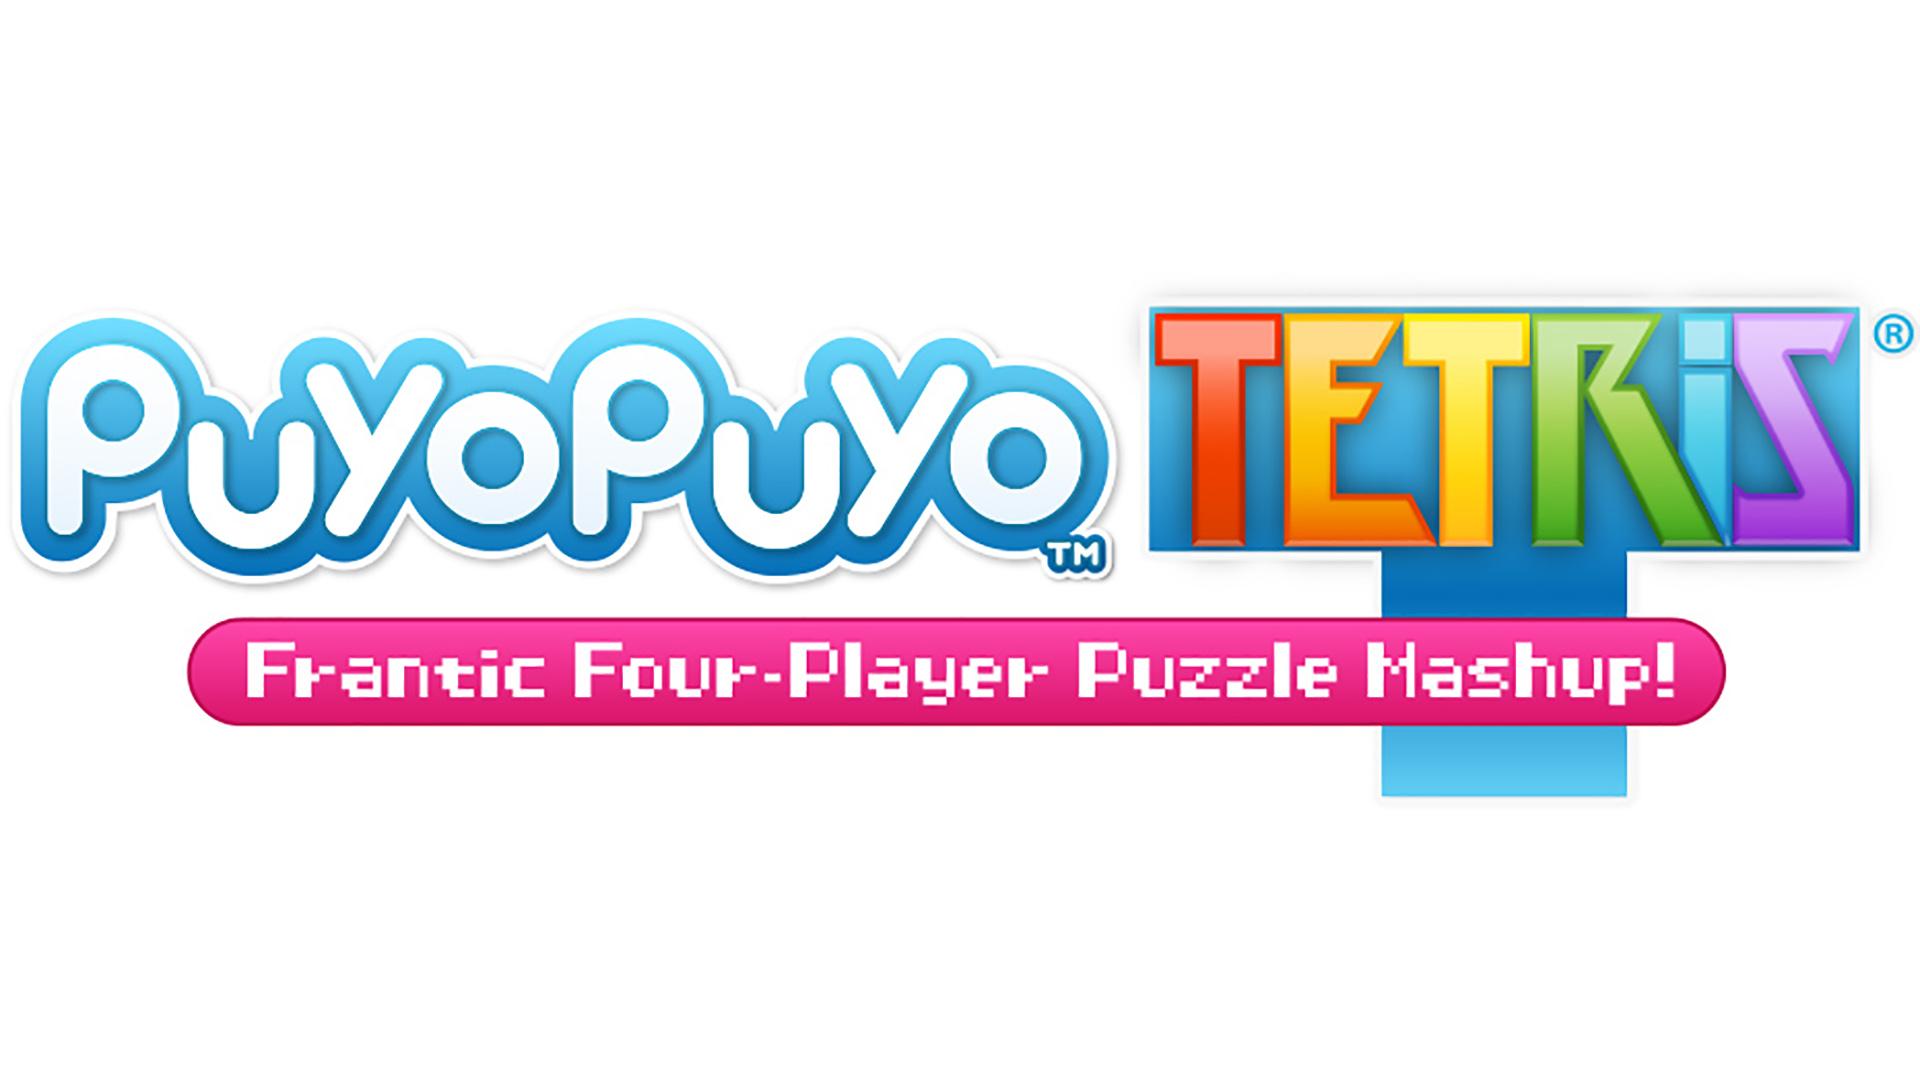 Puyo Tetris Demo Erscheint Heute News Mgm Game Nintendo Switch Fr Alle Die Nicht Mehr Warten Knnen Bis Playstation 4 Und Am 28 April 2017 Steht Ab Zum